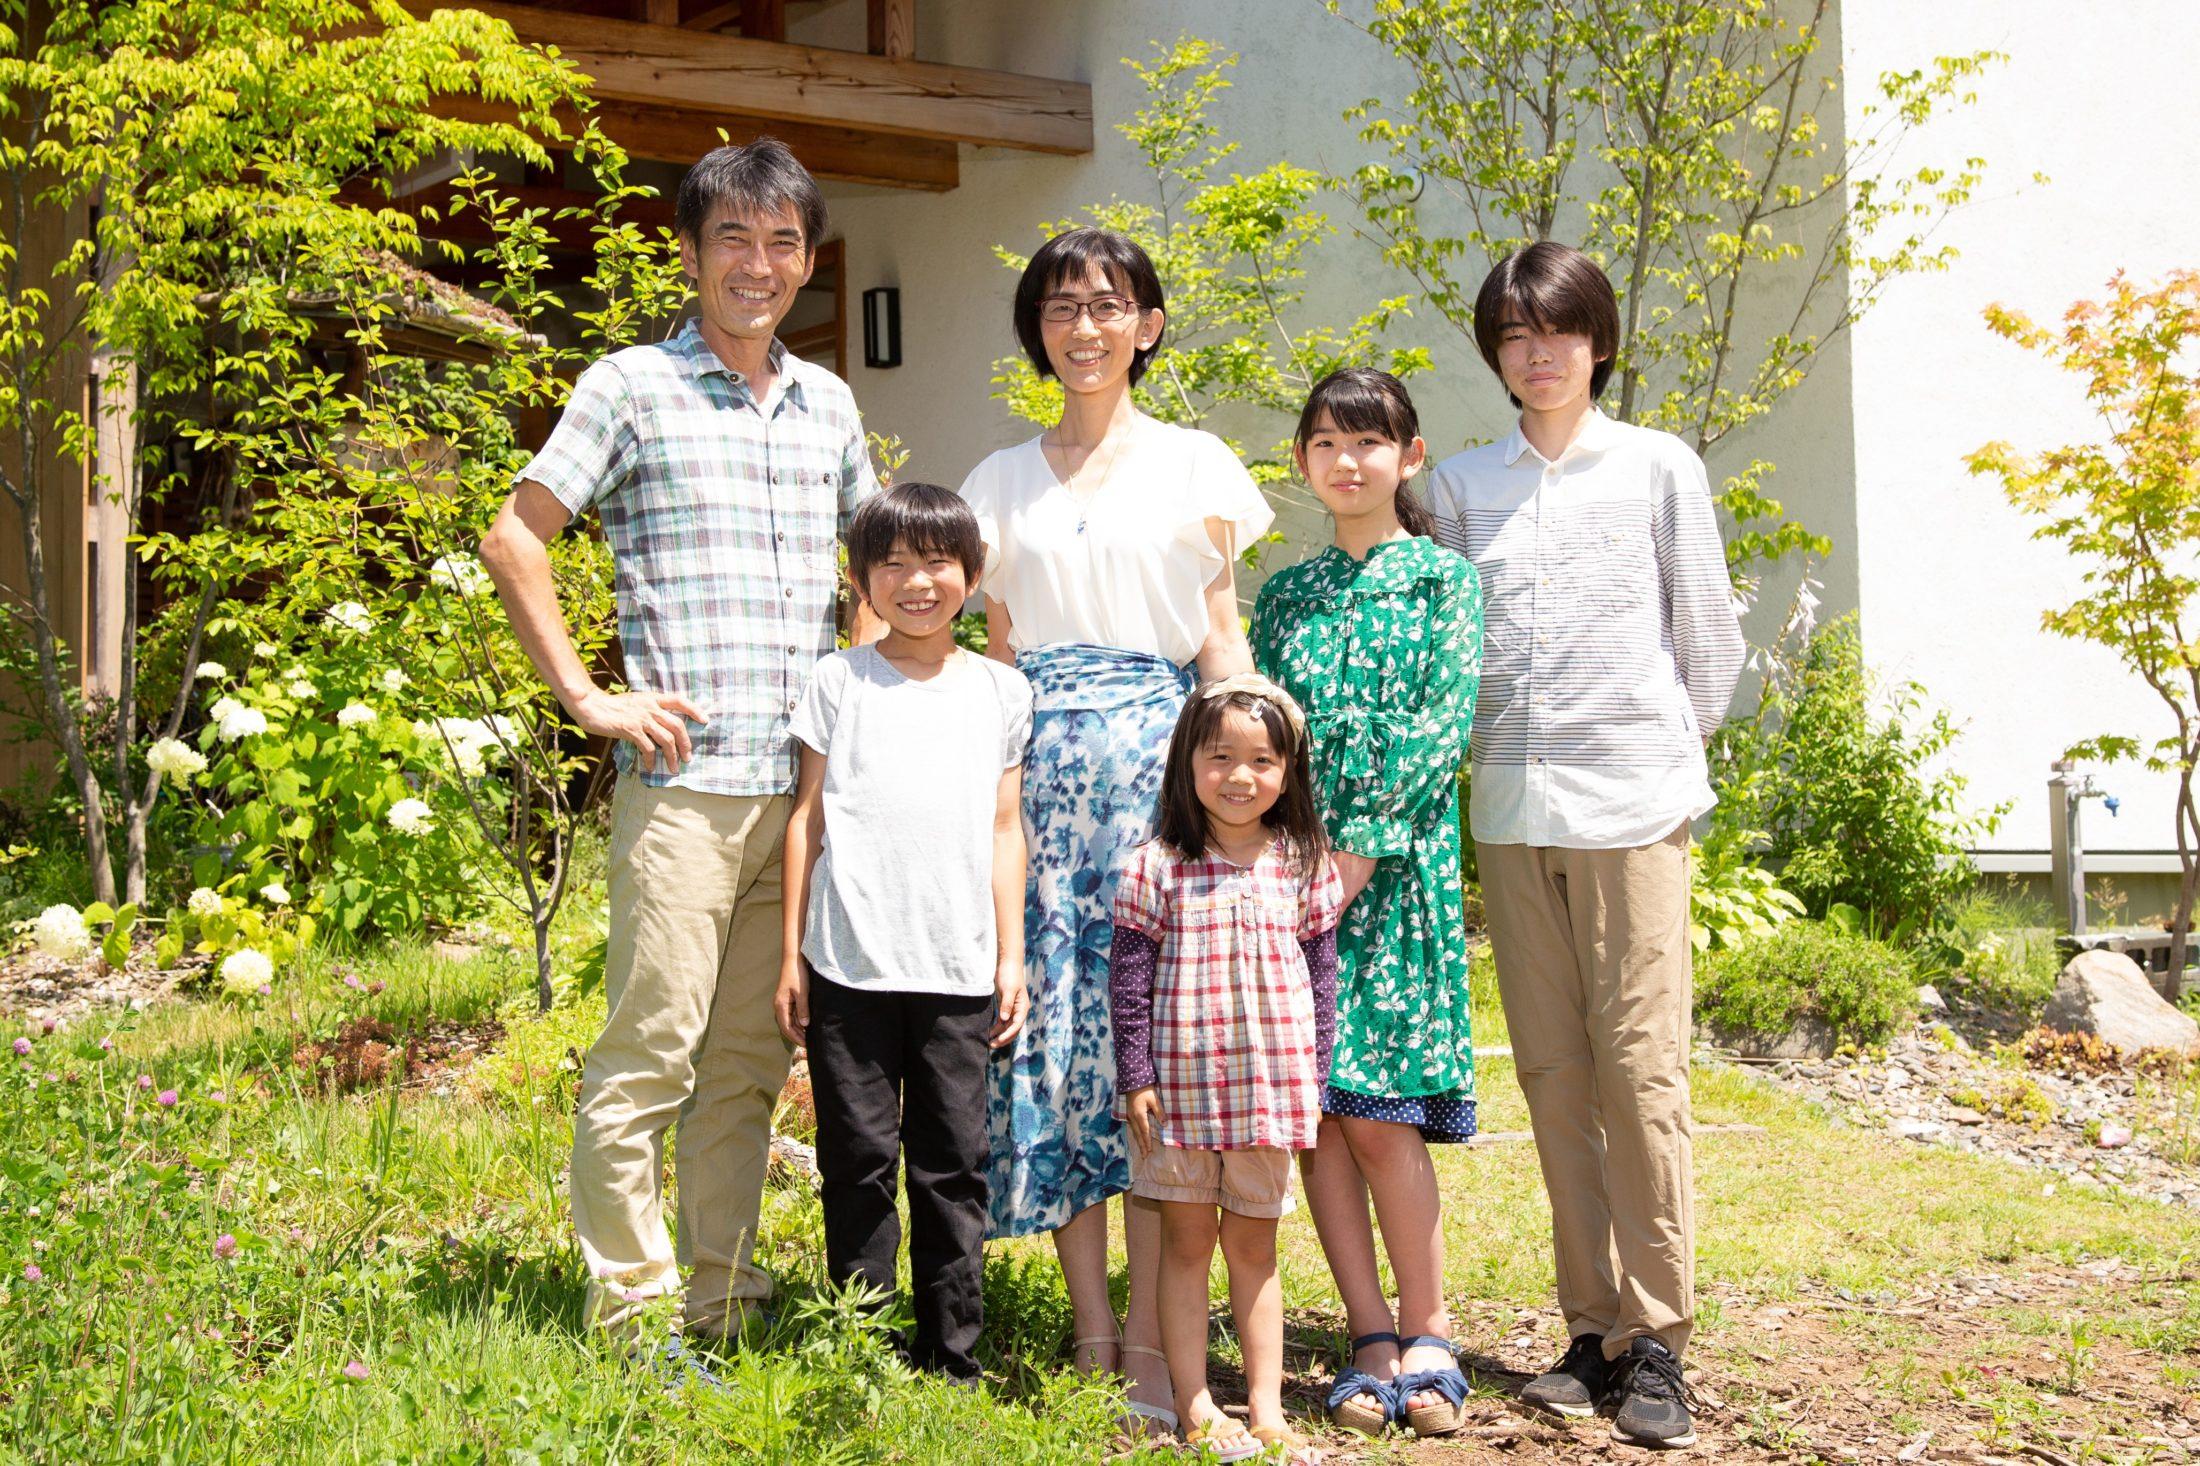 伊藤信子の家族です。高校生の長男、中学生の長女、小学生の次男、次女の6人家族です。